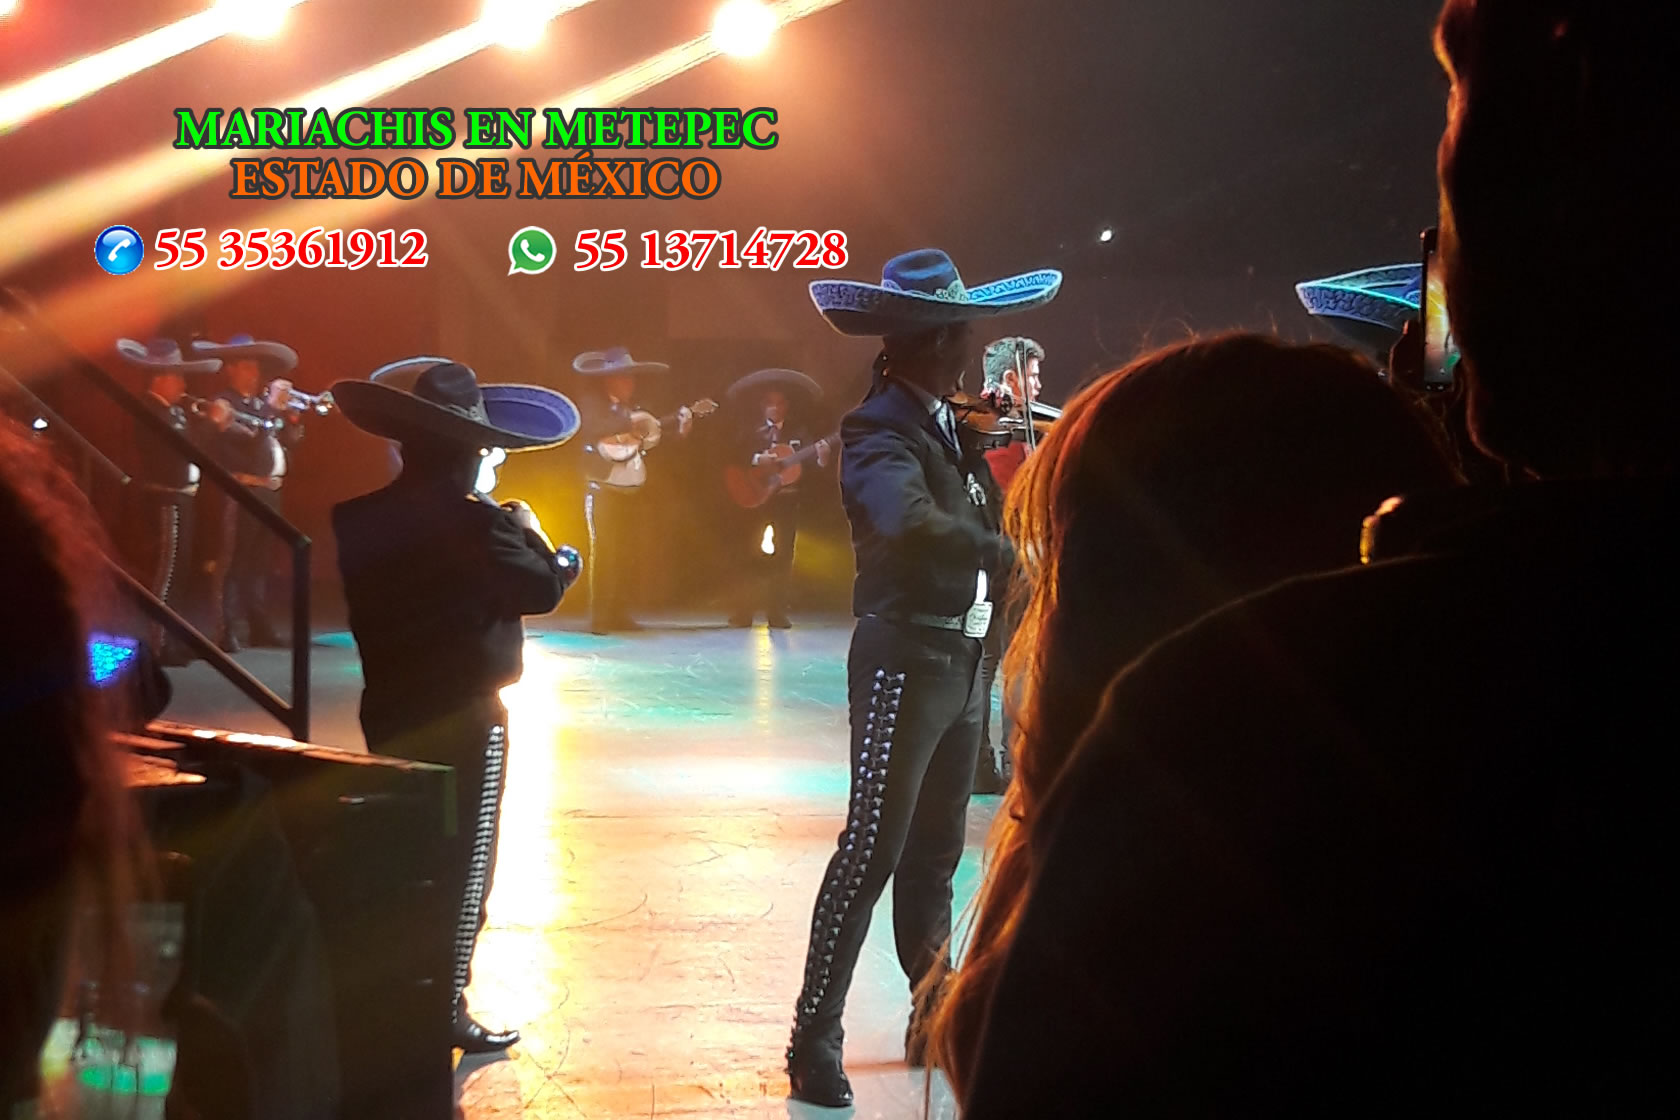 Mariachis en Metepec